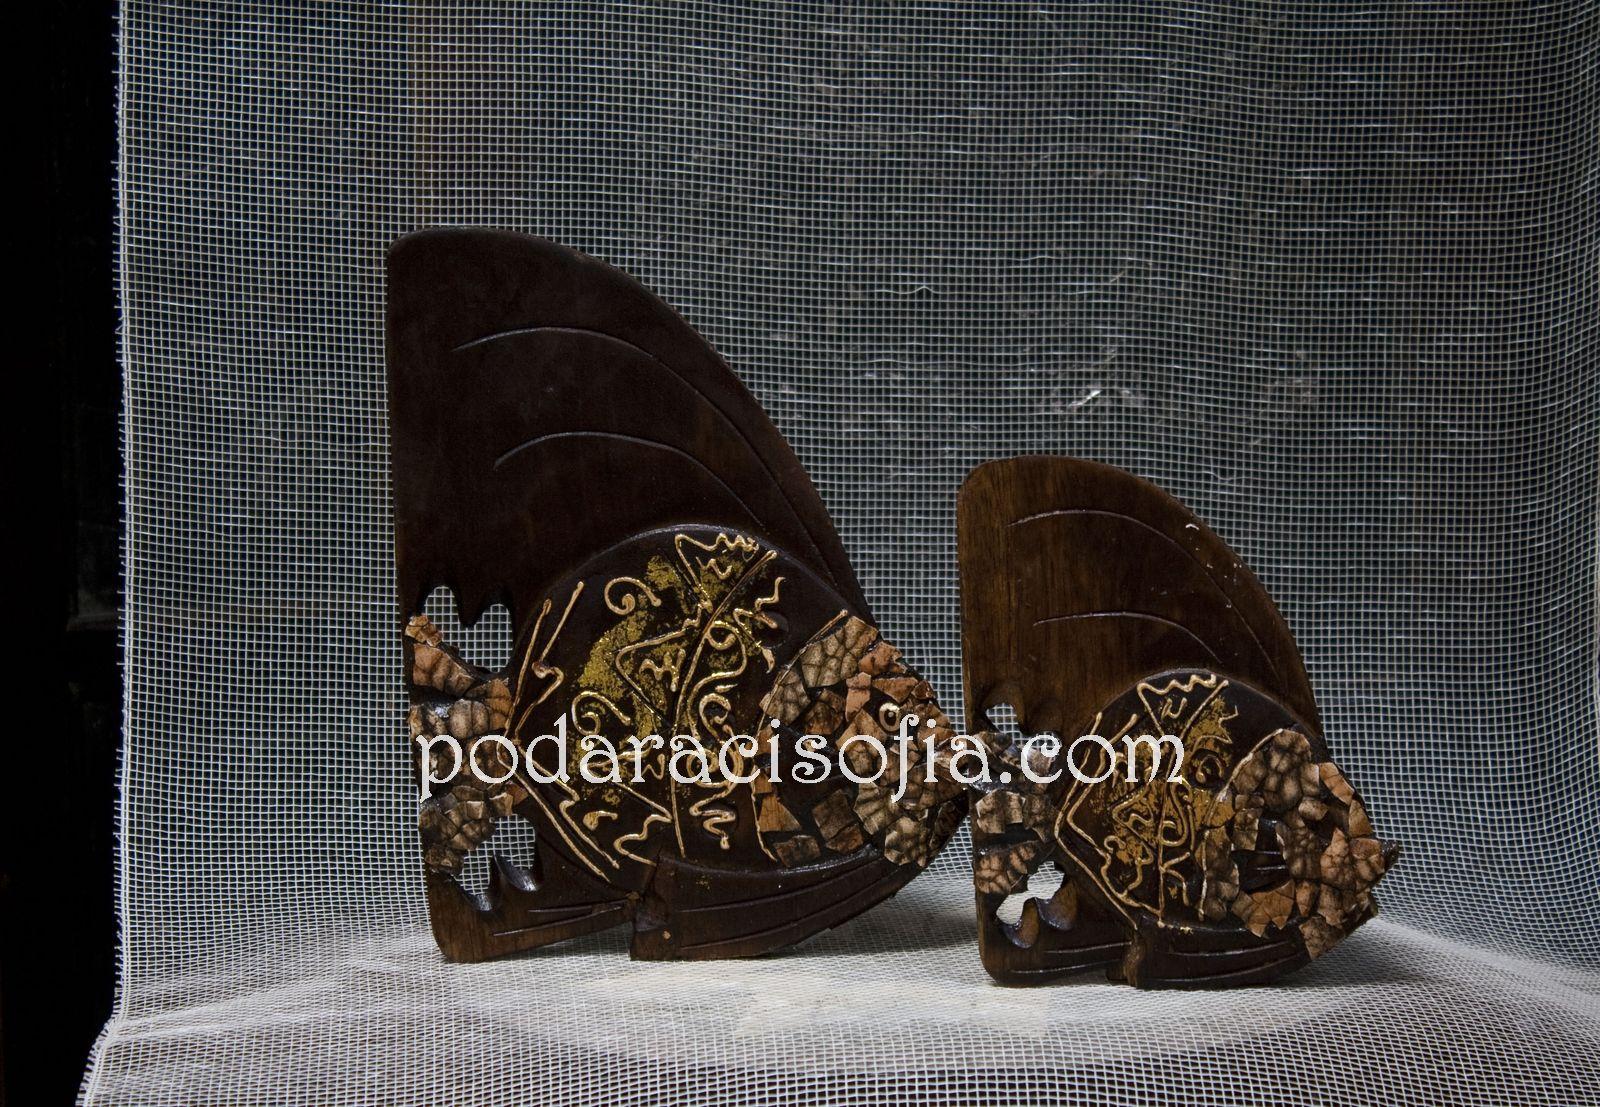 пластики на риба - голяма и малка, изработени от дърво с украса от черупки